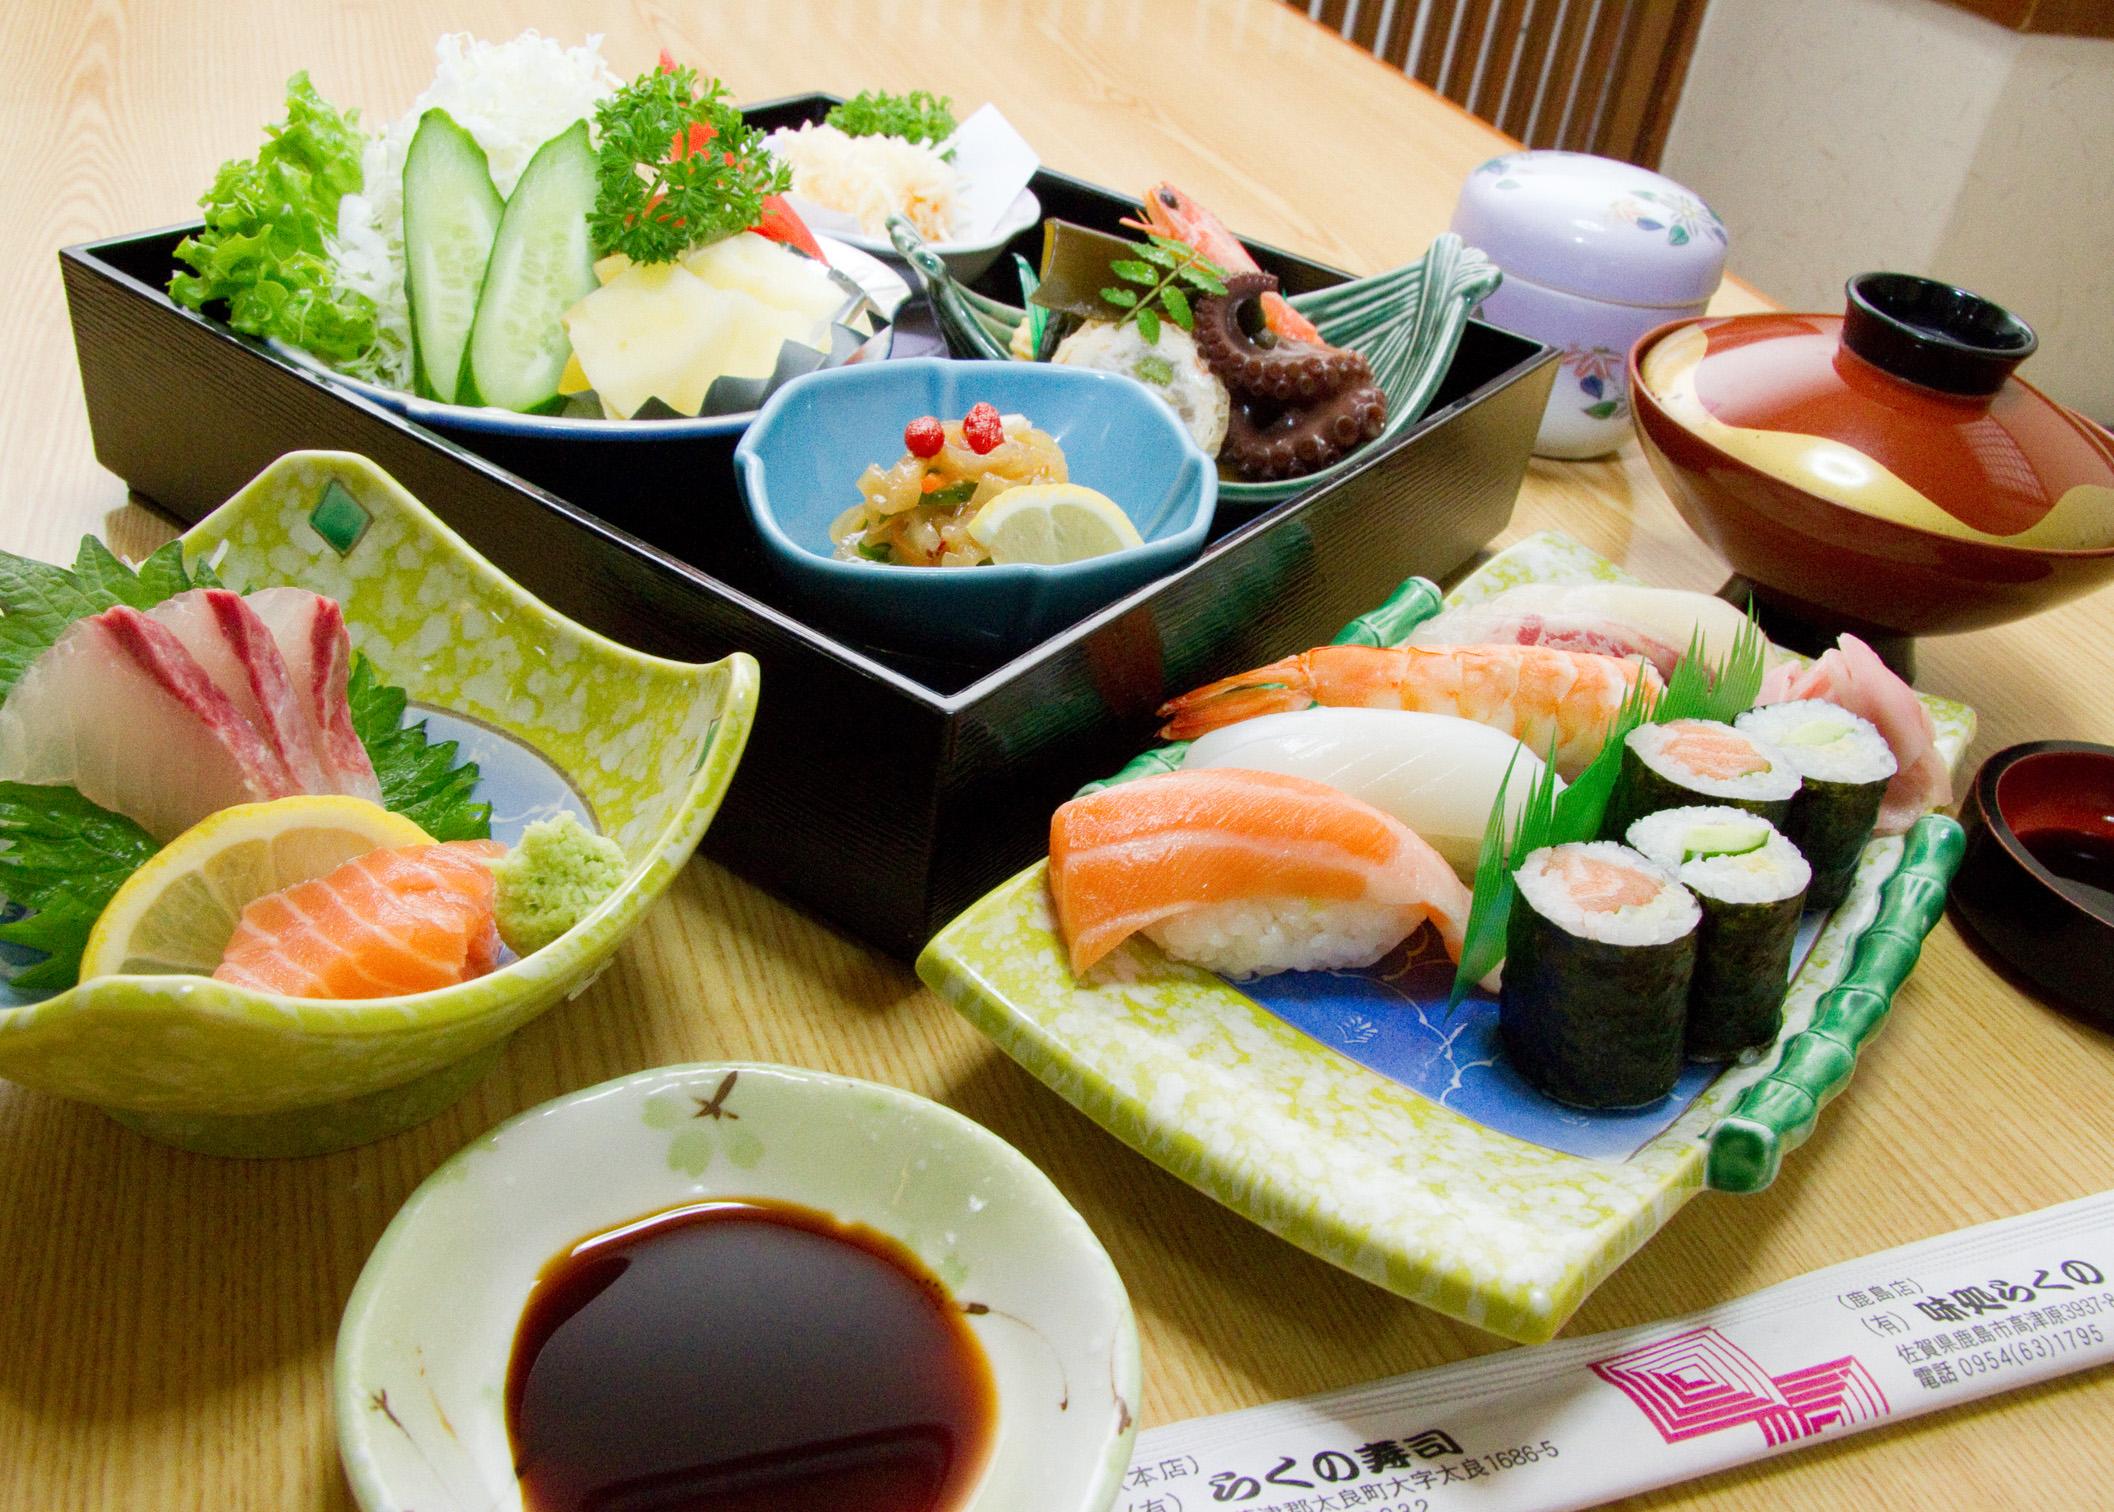 お寿司・刺身・茶碗蒸し・ふきよせ・サラダ・揚げ物・赤出汁・フルーツ。女性に人気の贅沢なランチ。名物のかにしゅうまい付き。有明海や玄海灘で獲れた新鮮な味を堪能ください。